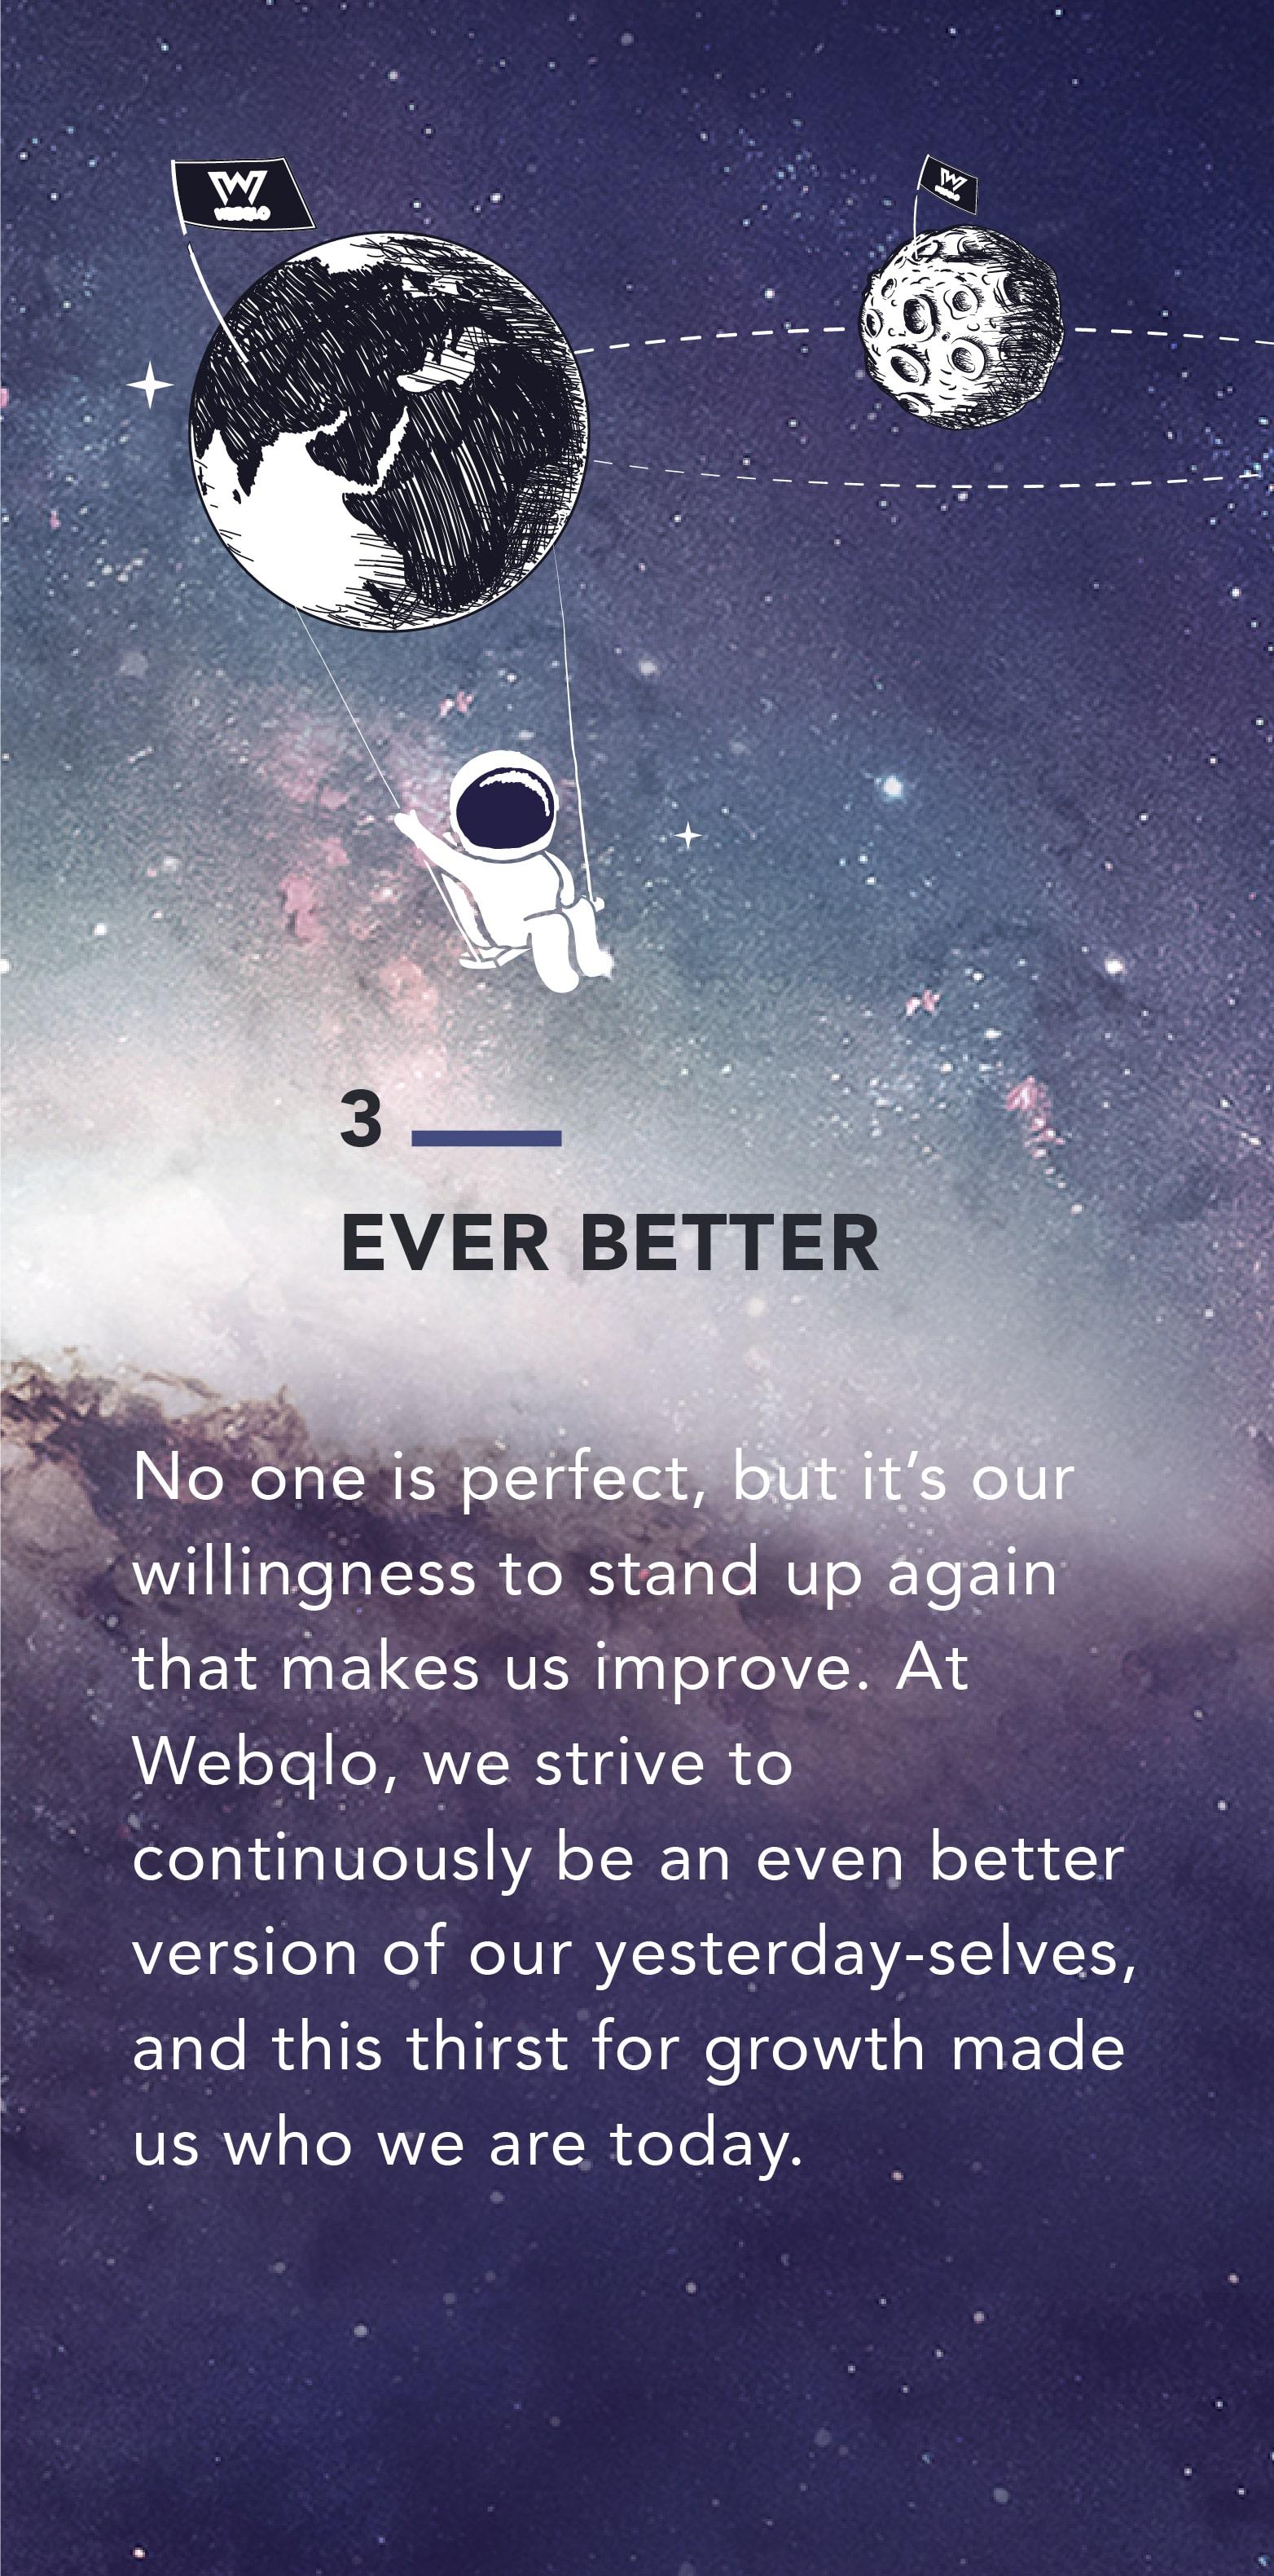 Ever Better